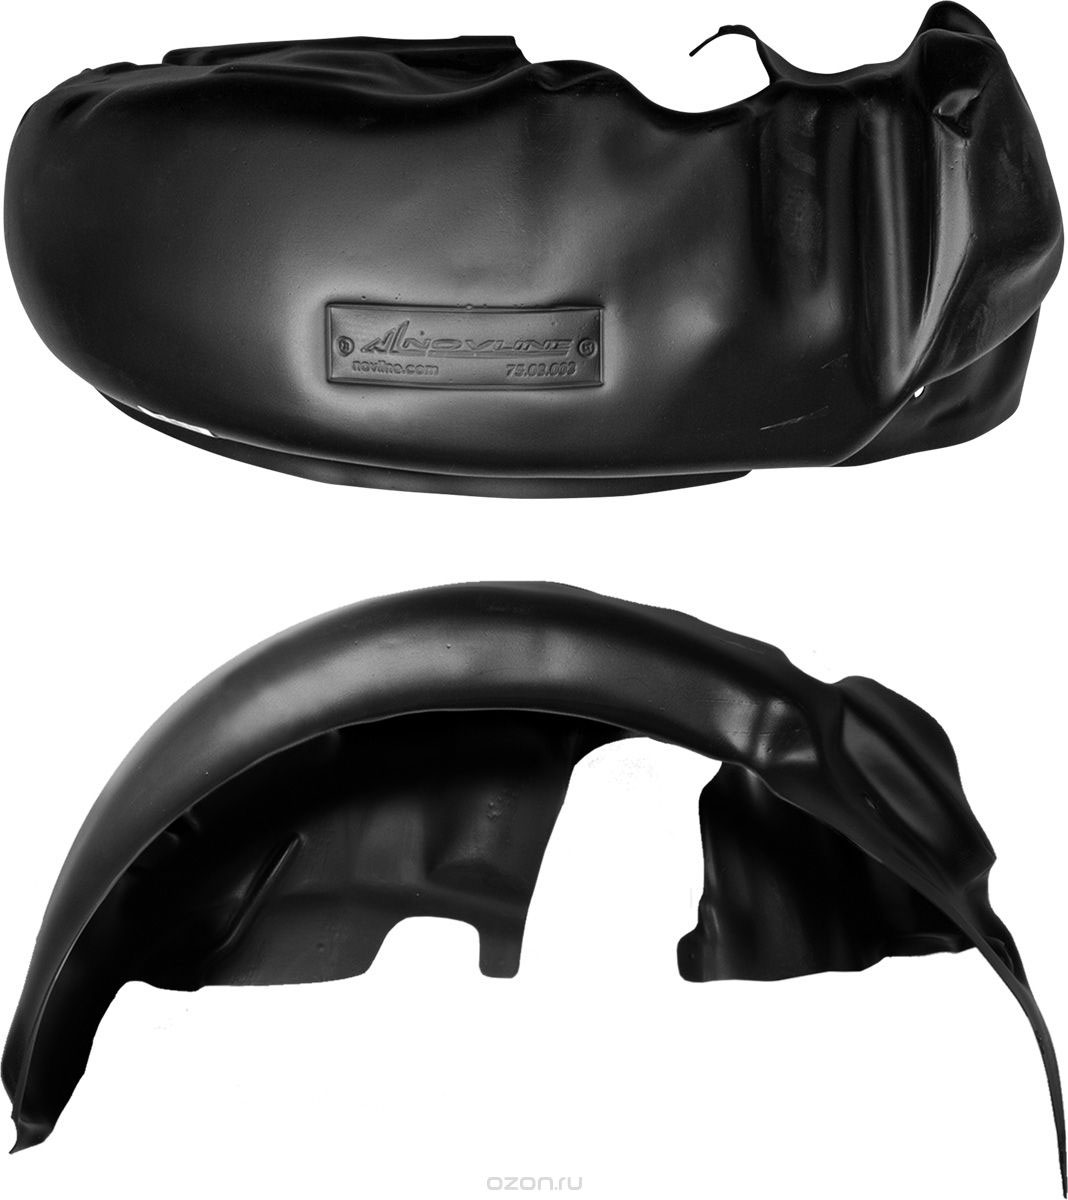 Подкрылок Novline-Autofamily, для ВАЗ 2115 1997-2012, б/б, задний левый000703Подкрылок Novline-Autofamily - идеальная защита колесной ниши. Локеры разработаны с применением цифровых технологий, гарантируют максимальную повторяемость поверхности арки. Изделия устанавливаются без нарушения лакокрасочного покрытия автомобиля, каждый подкрылок комплектуется крепежом. Уважаемые клиенты, обращаем ваше внимание, что фотографии на подкрылки универсальные и не отражают реальную форму изделия. При этом само изделие идет точно под размер указанного автомобиля.